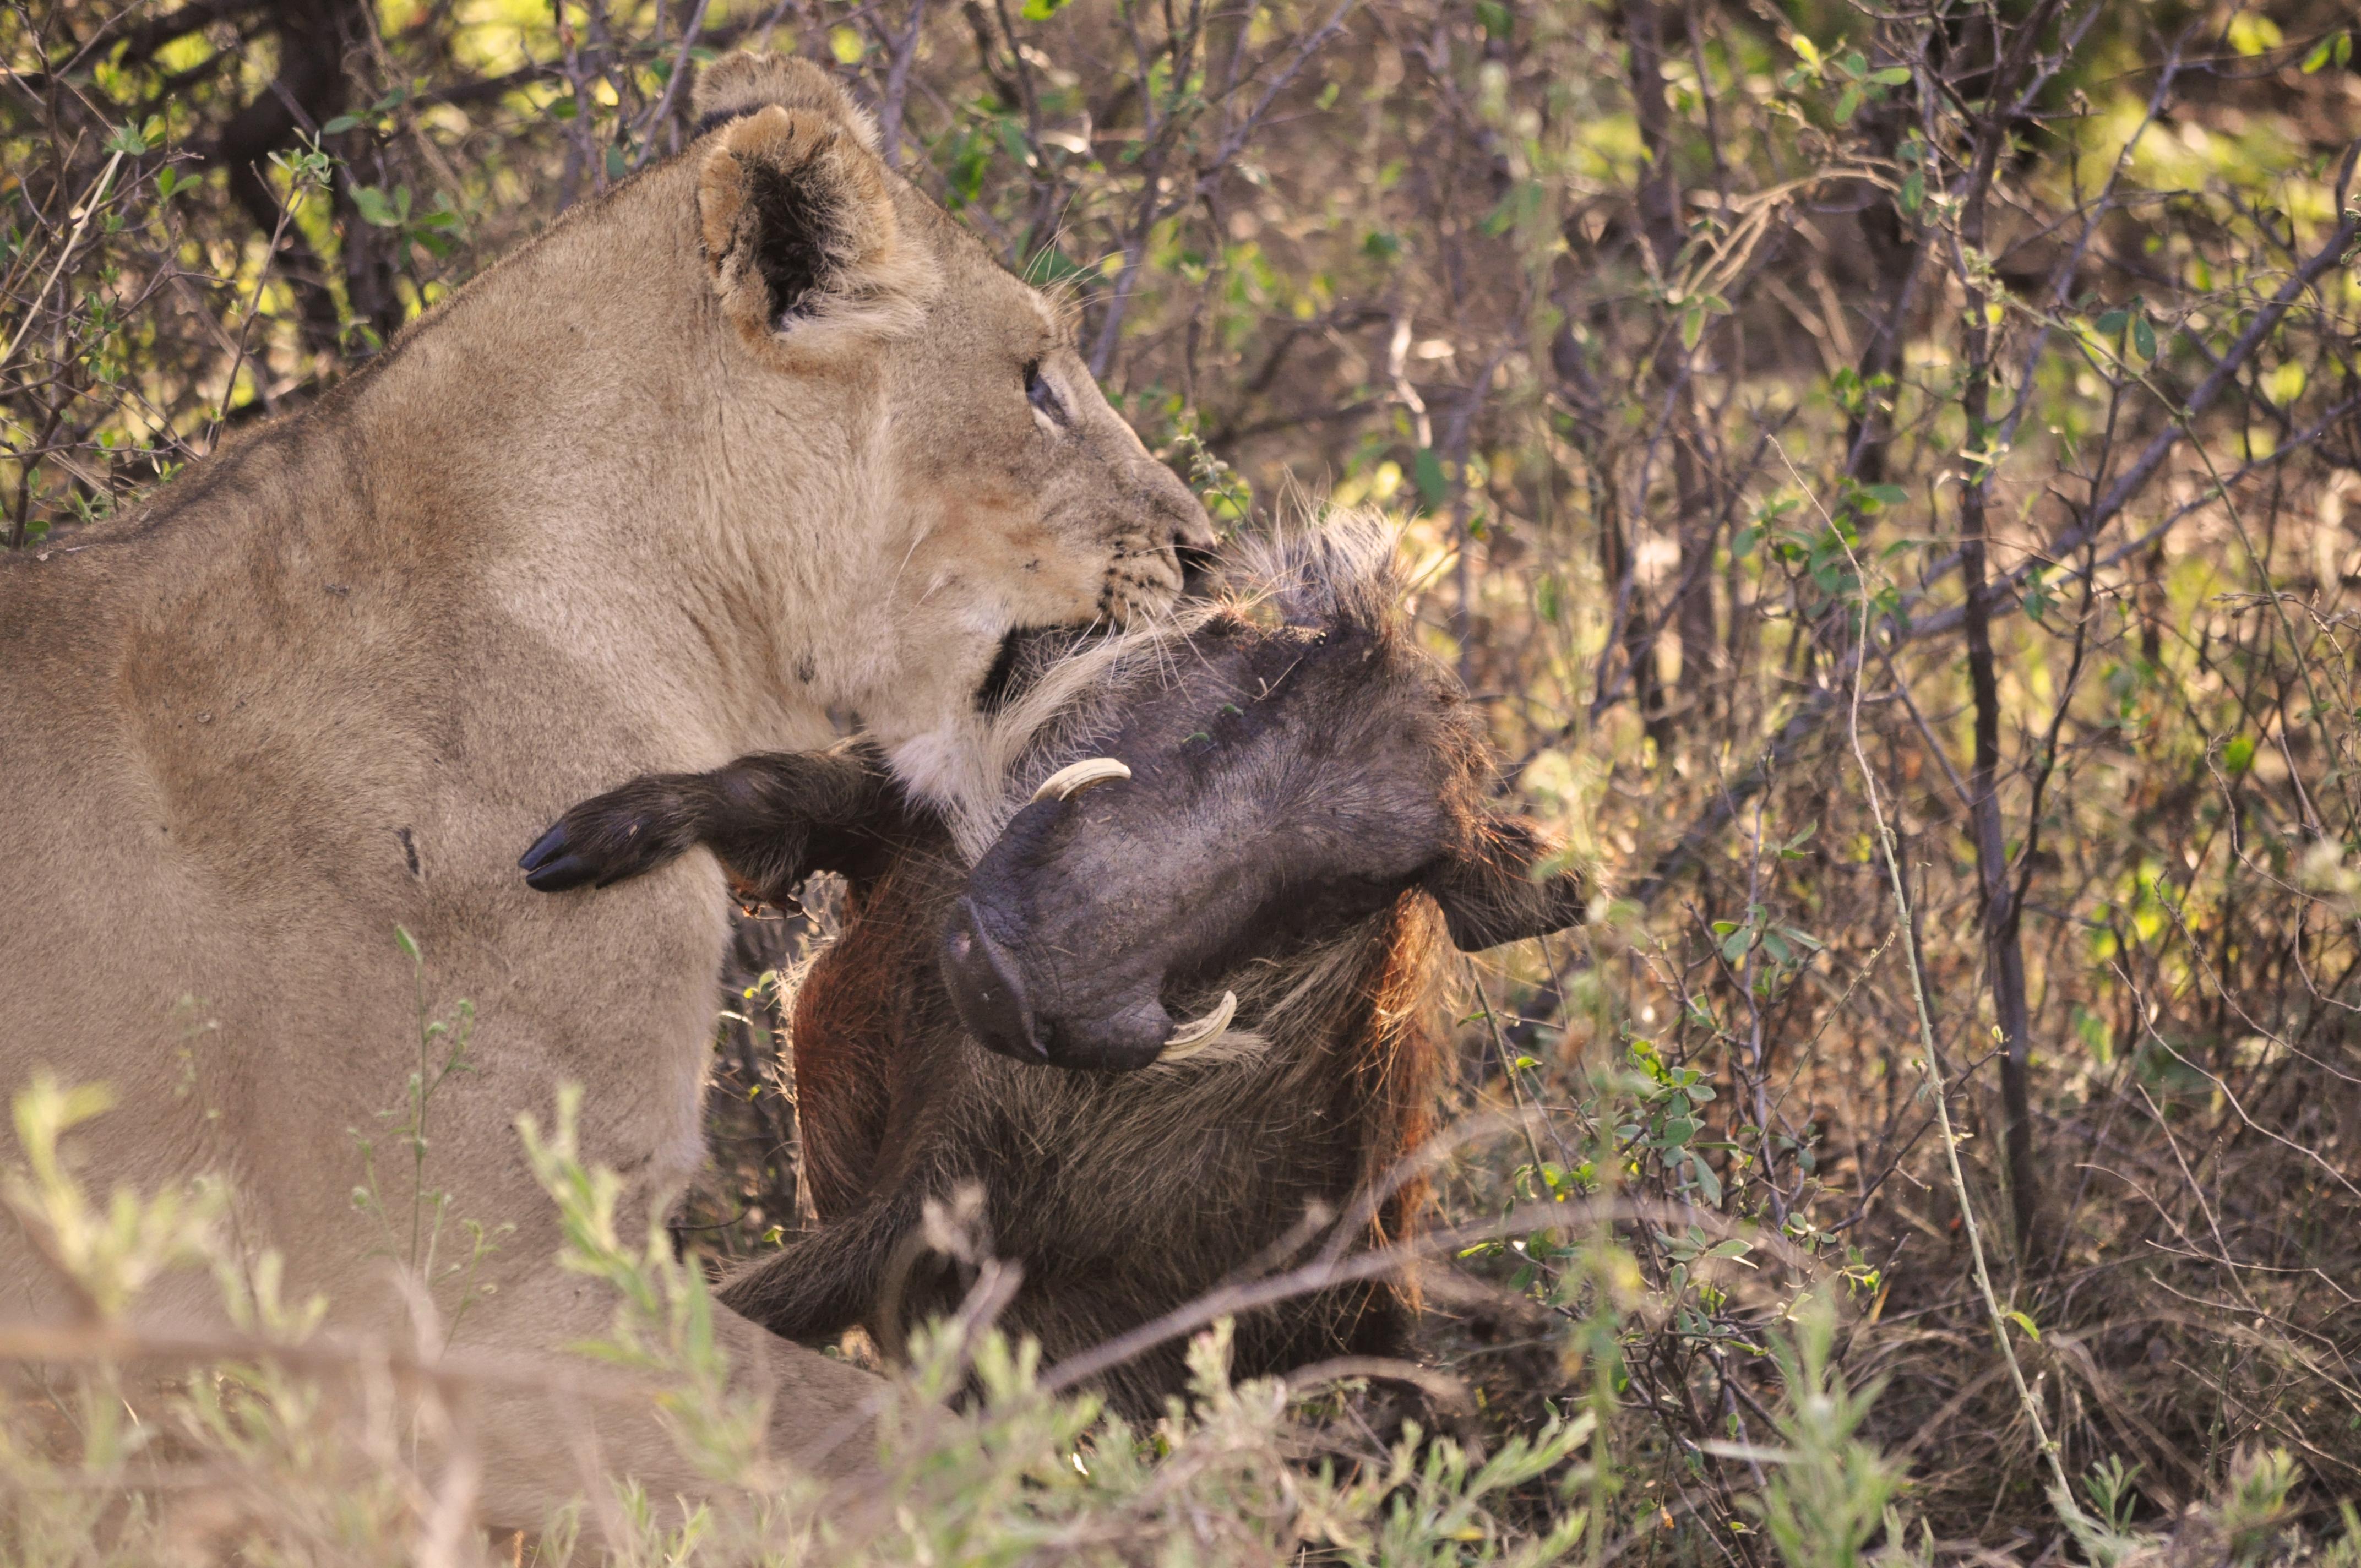 Lion (Panthera leo), Warthog (Phacochoerus africanus)